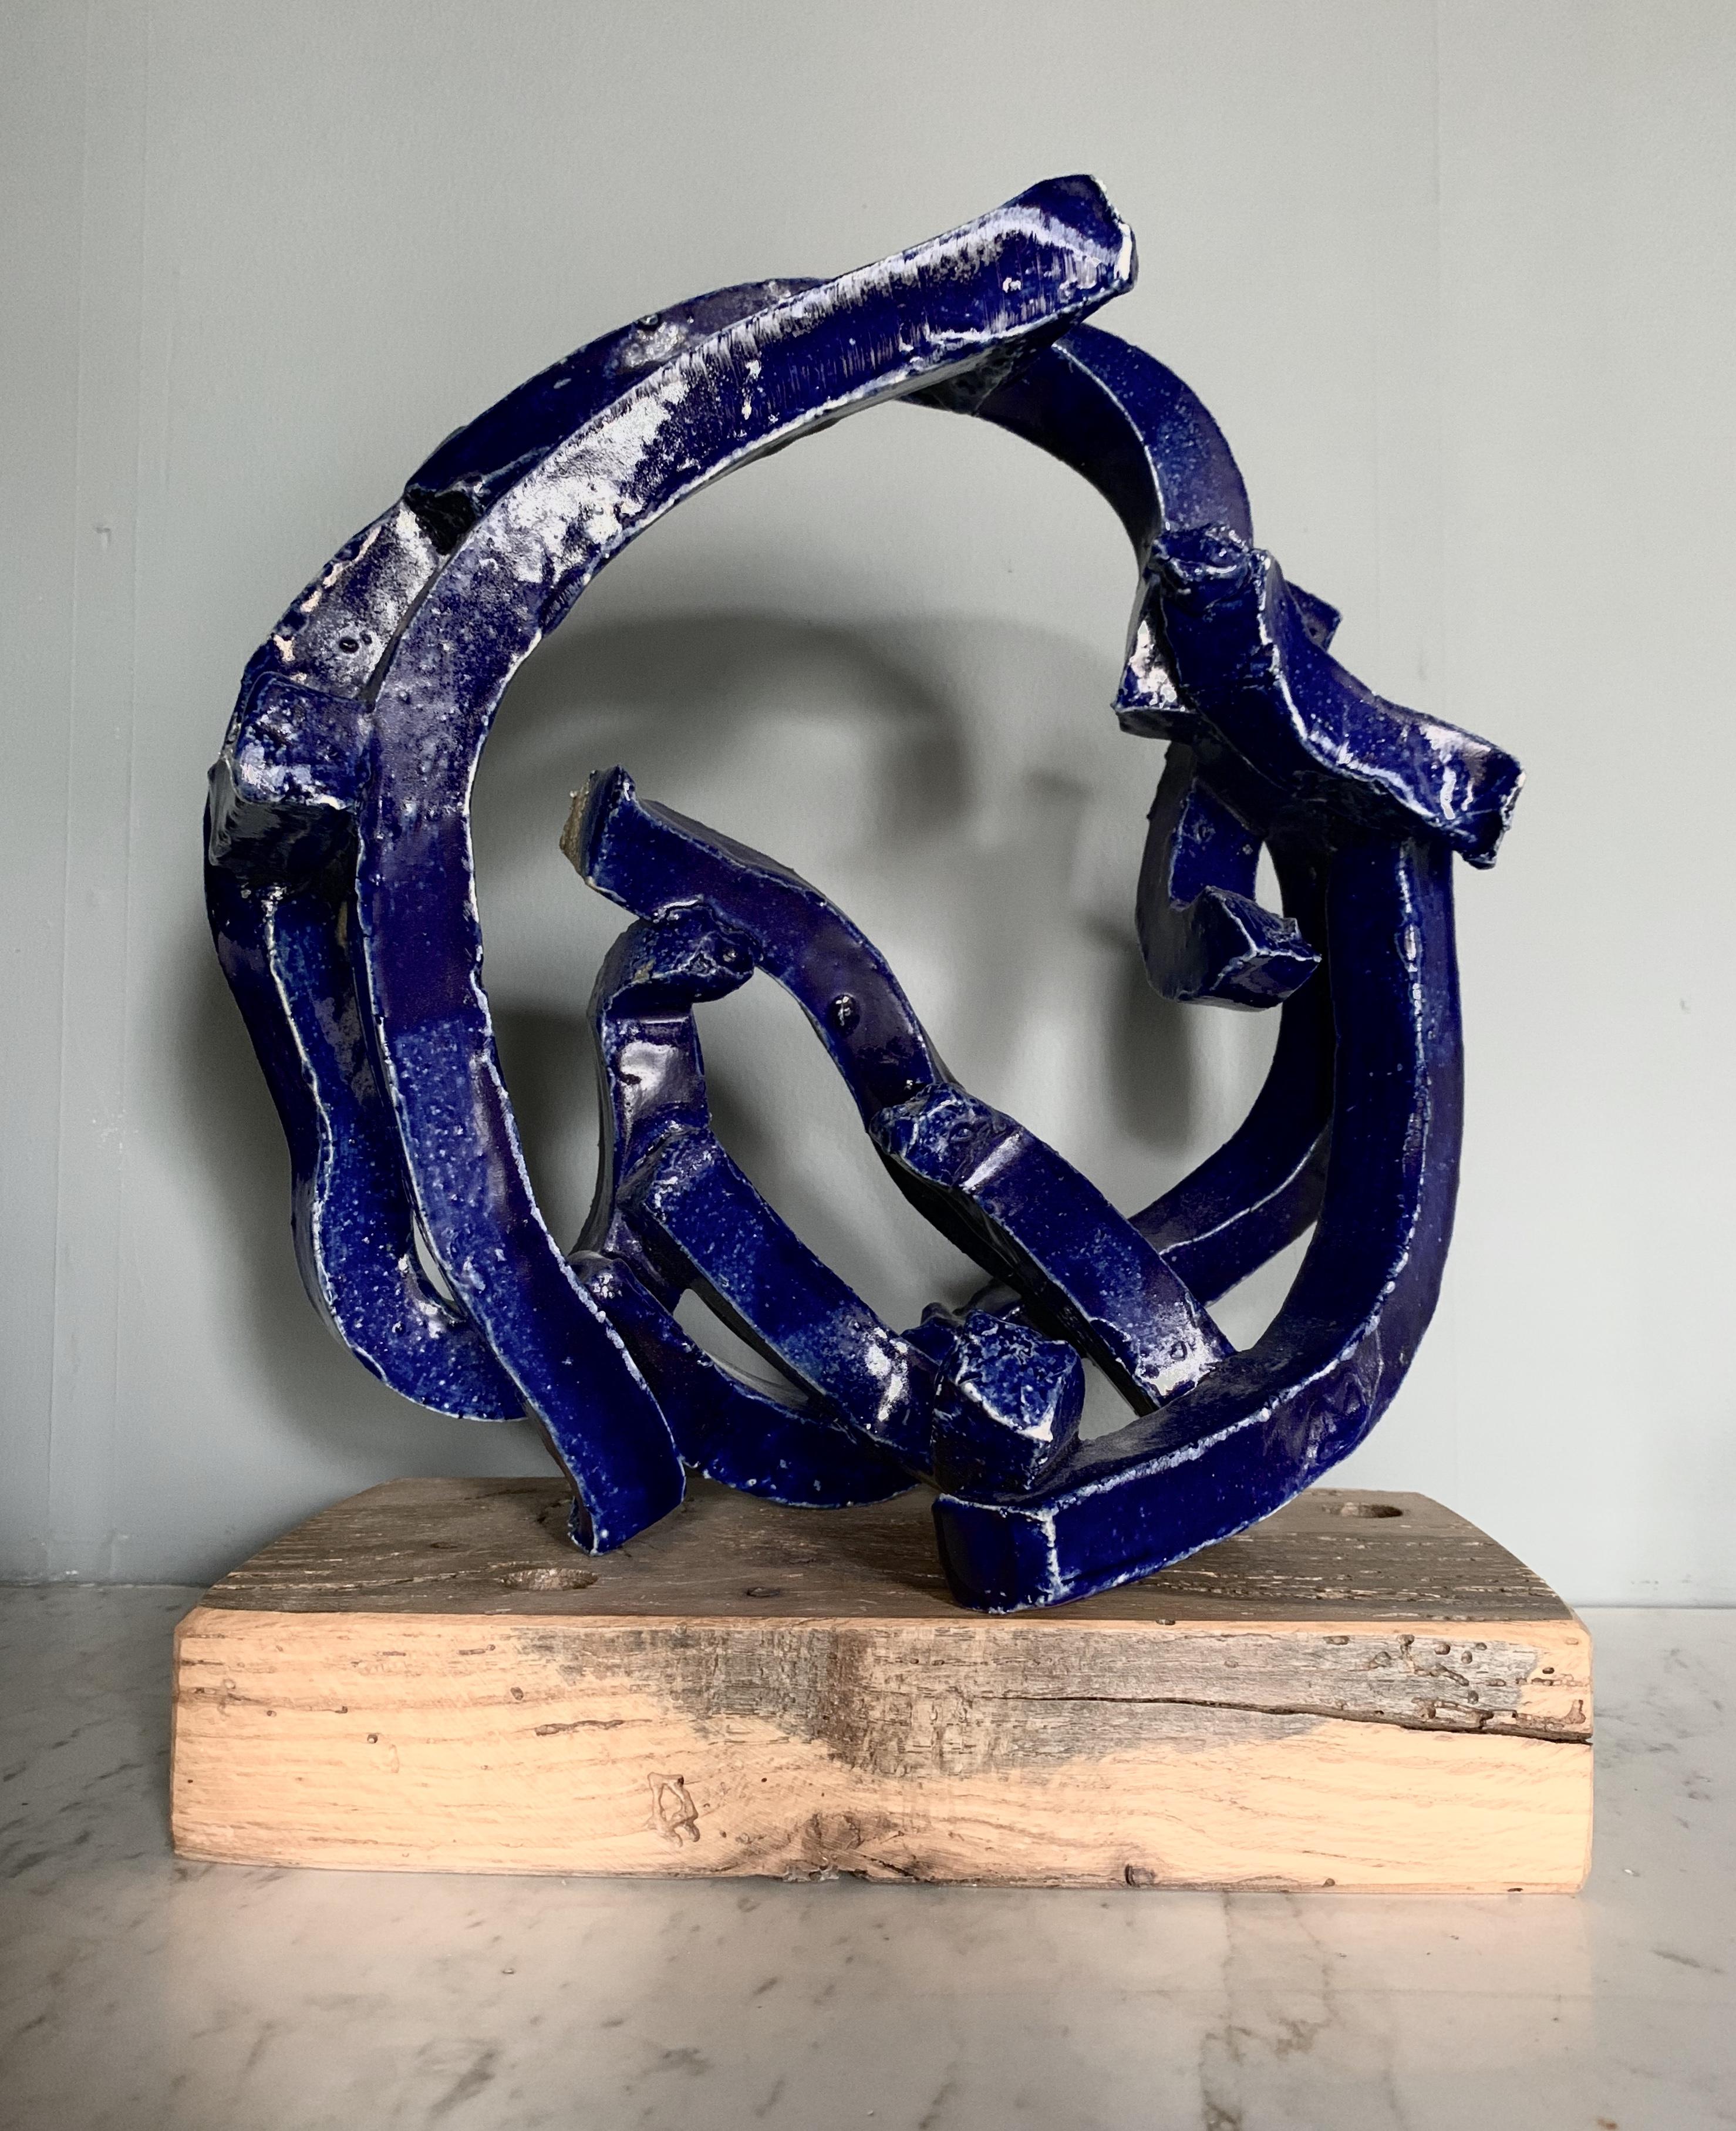 Cobalt Hoop by Brandon Reese